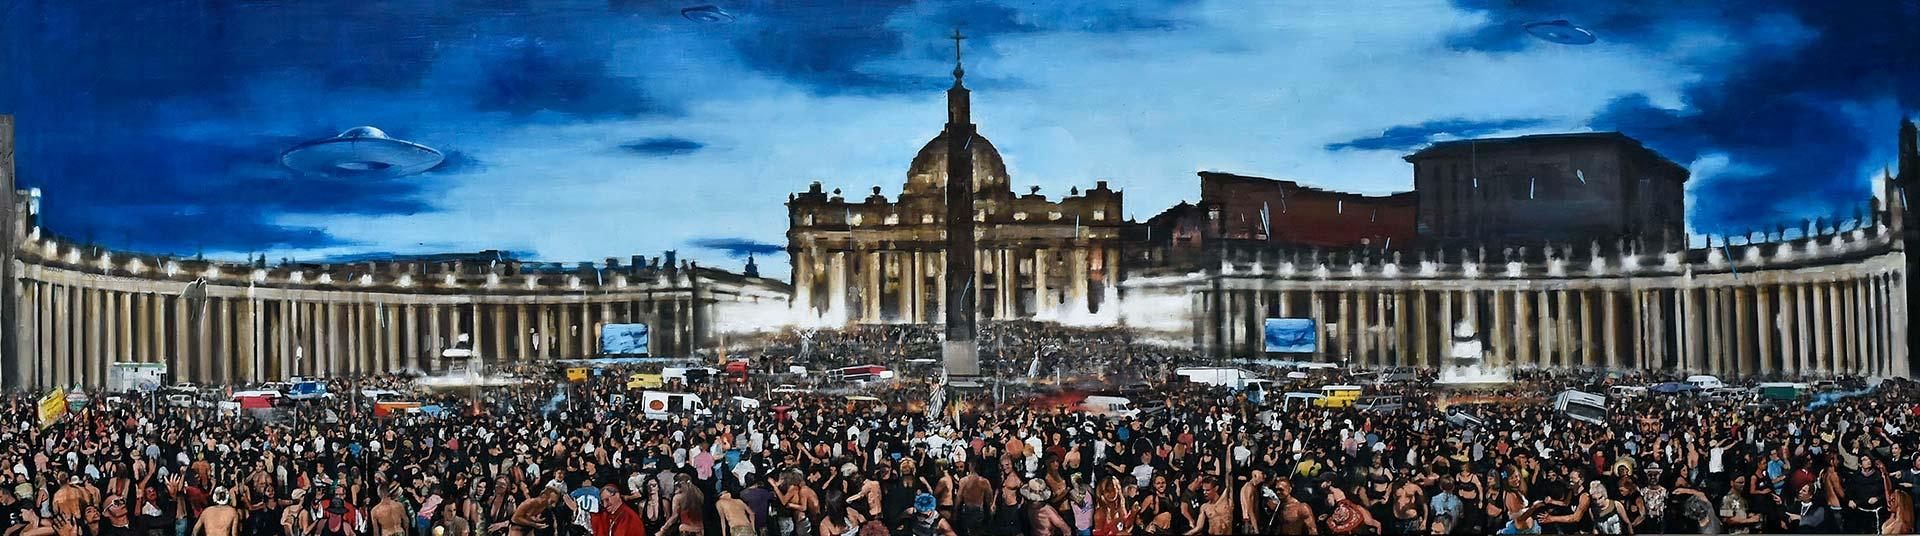 Daniele Galliano, L'uscita di Cristo dal Vaticano. Olio su tela, 100x350 cm, 2020